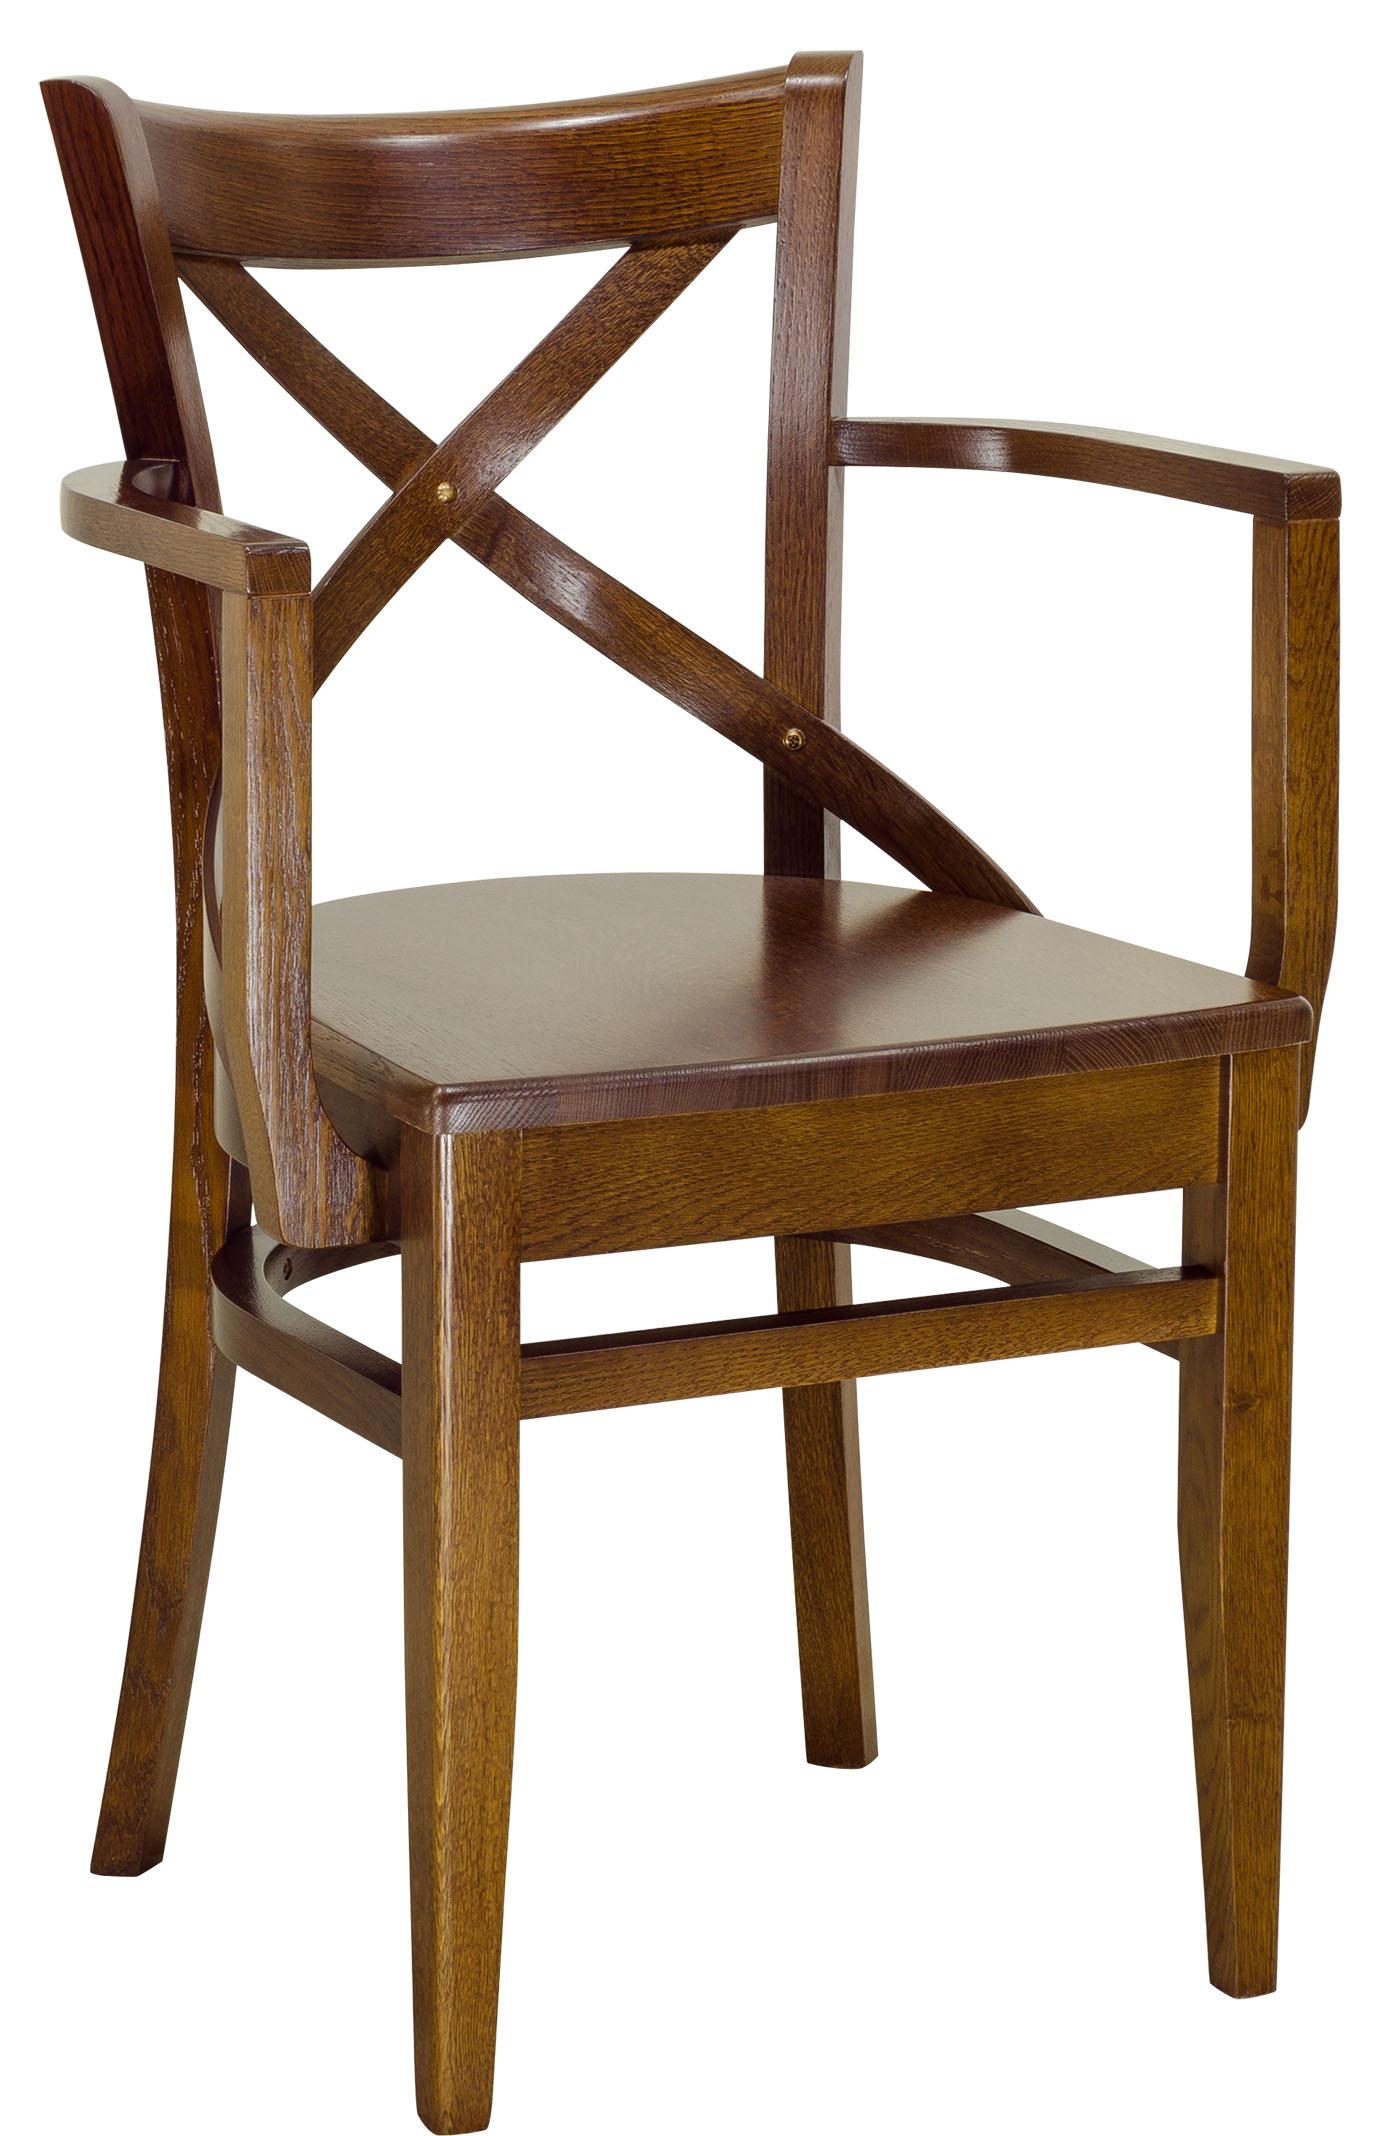 стул (Кресло) Соло жесткое